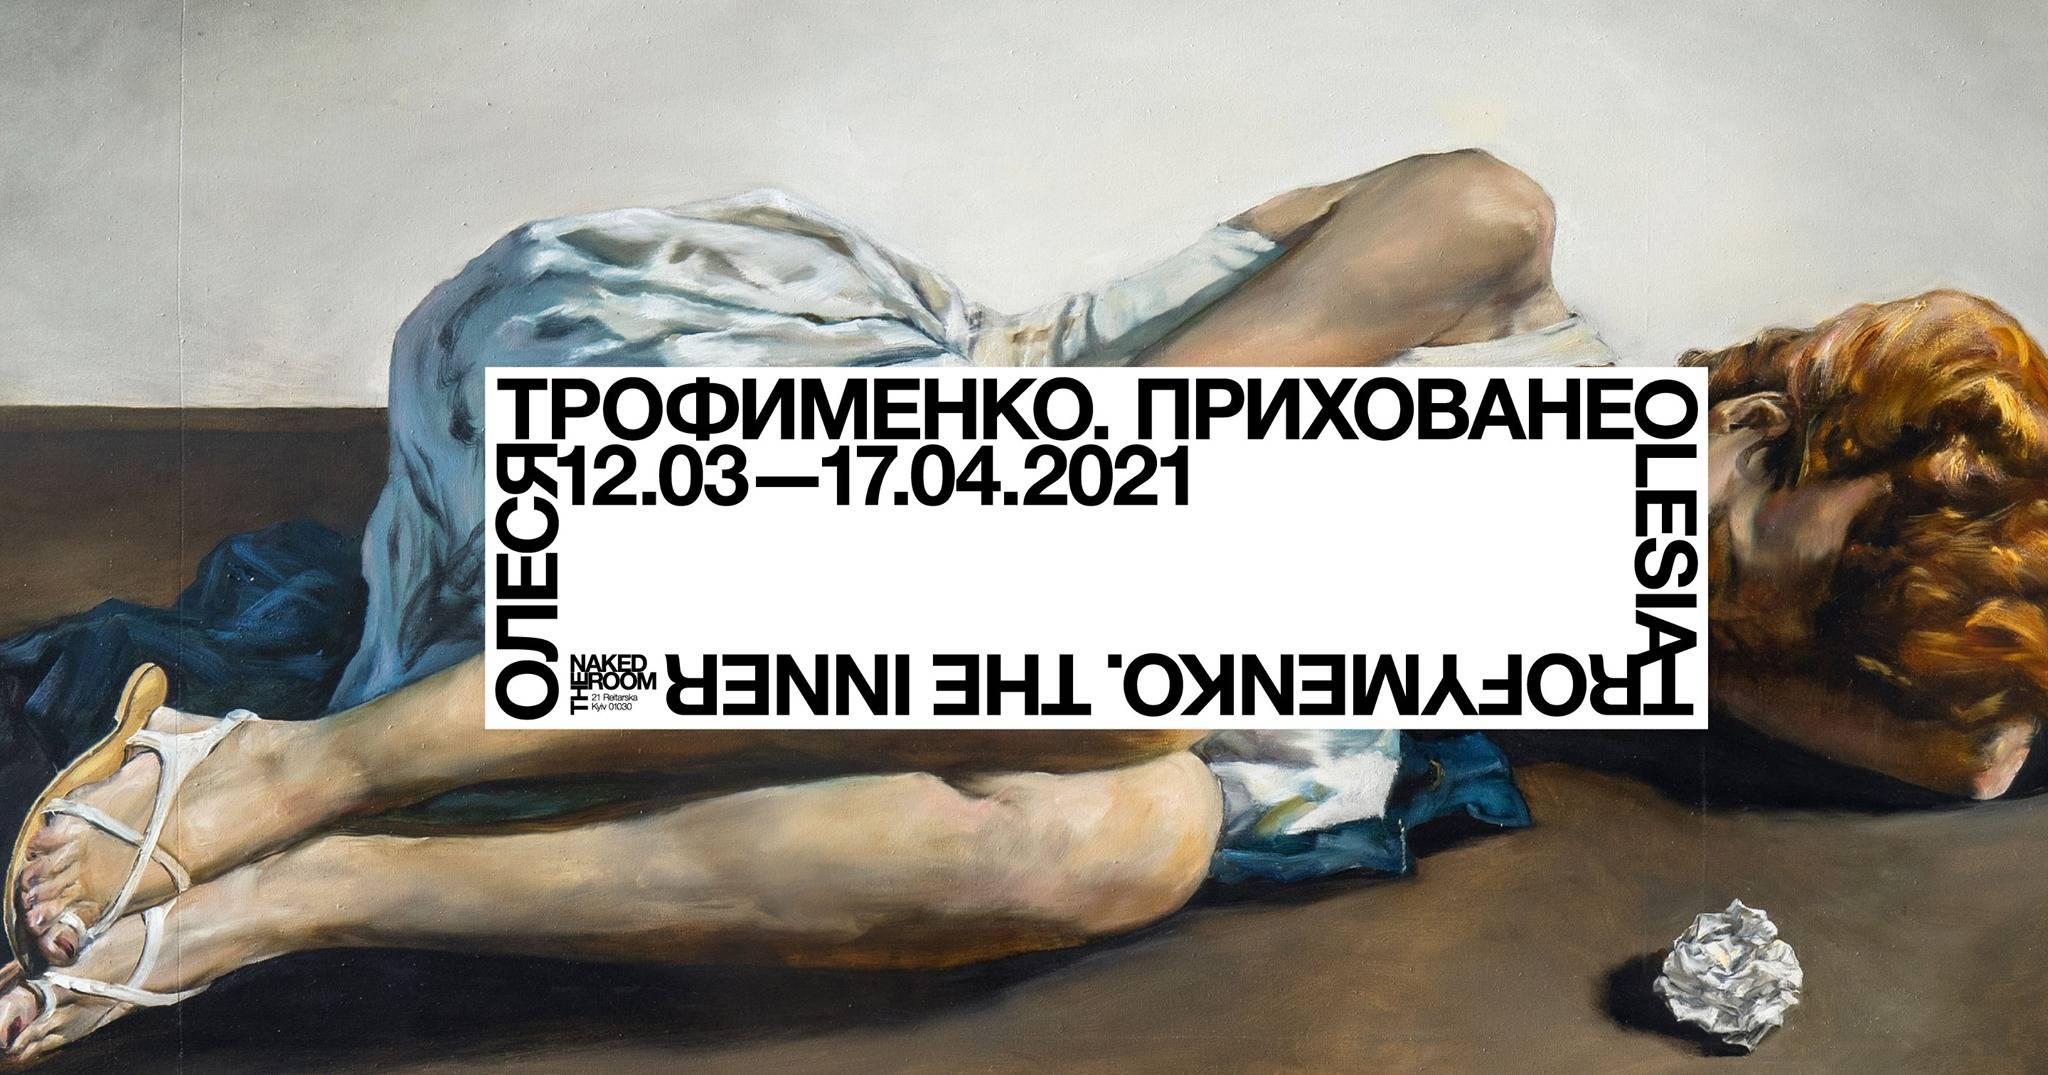 Олеся Трофименко у The Naked Room